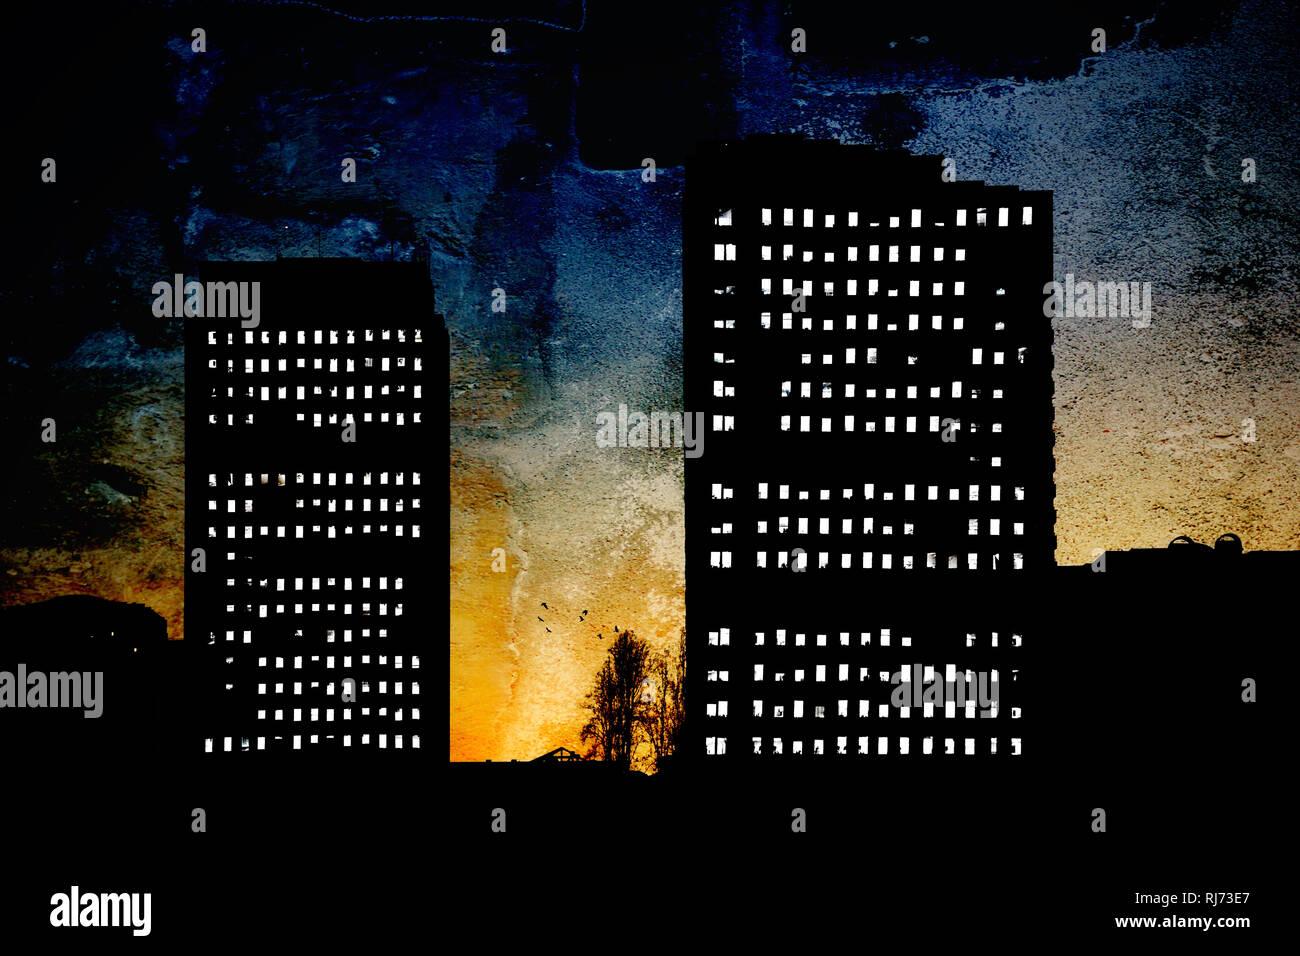 Die surrealen Silhouetten von Hochhäusern am frühen Morgen in San Diego, beleuchtete Fenster, - Stock Image